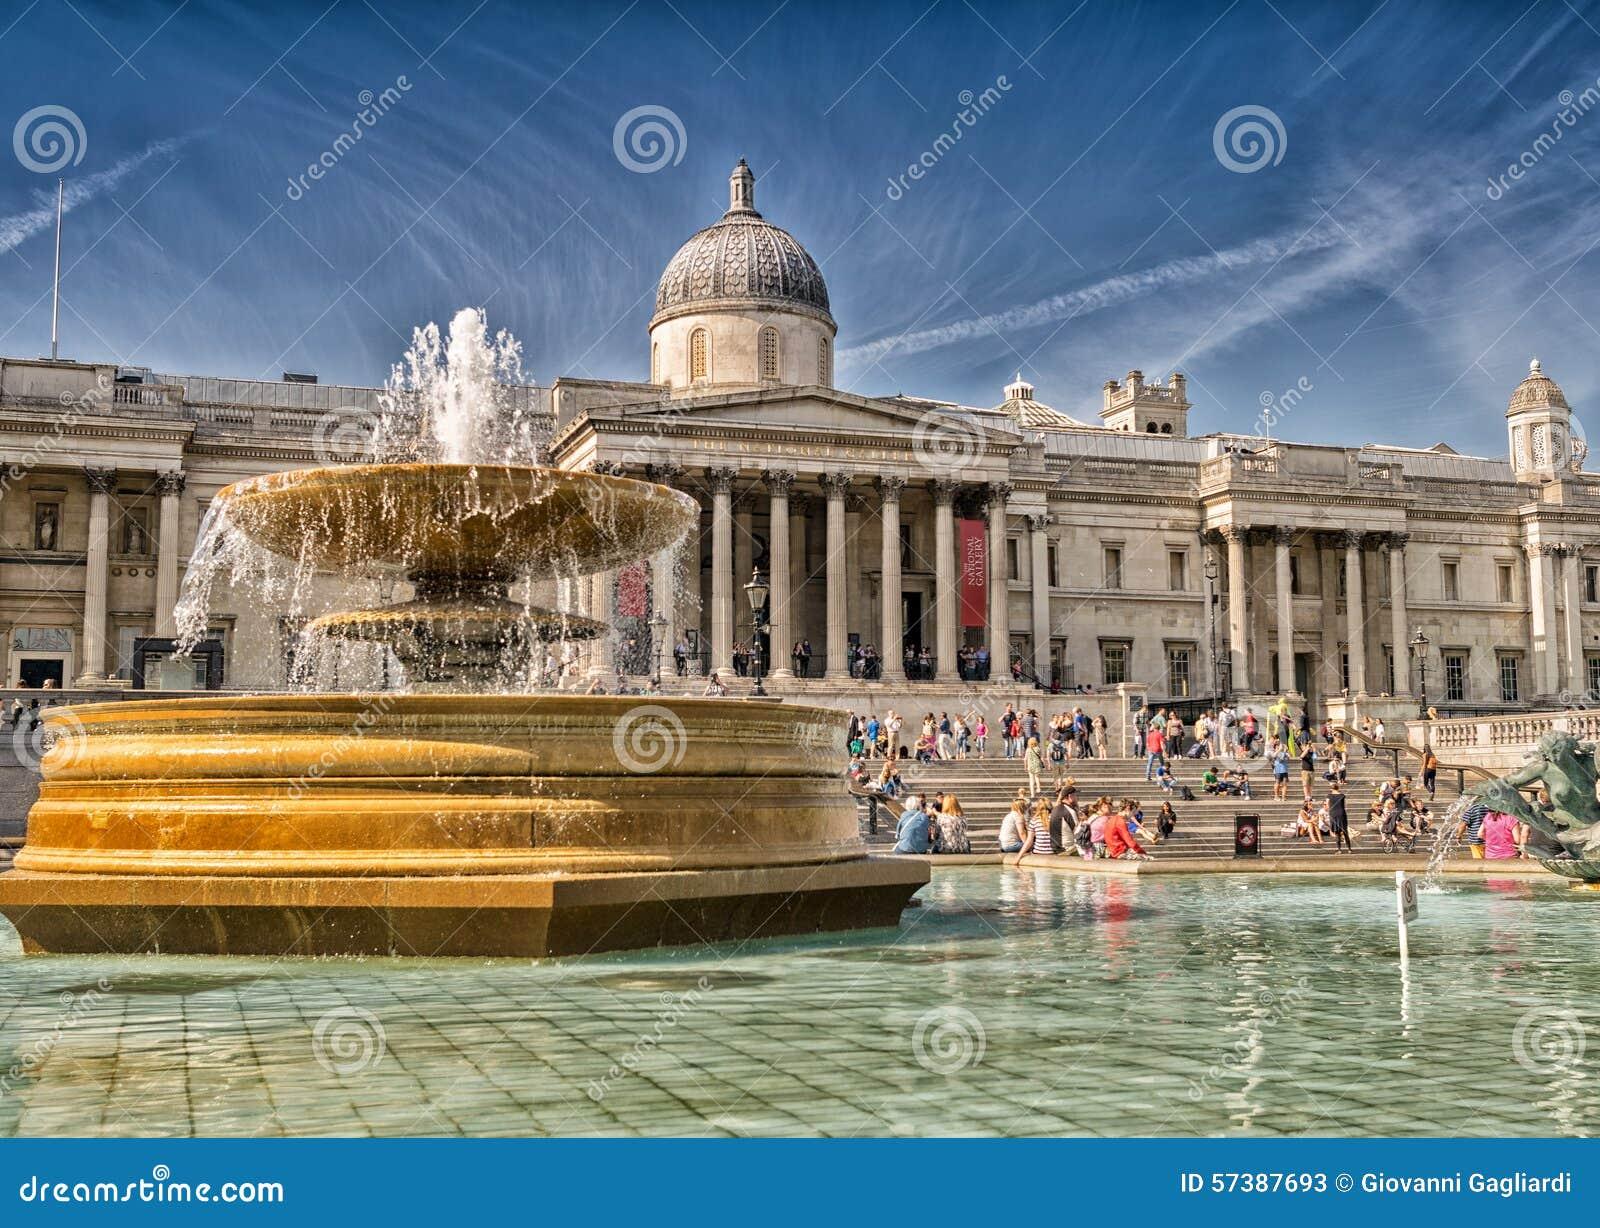 LONDEN - JUNI 29, 2015: De toeristen genieten van Trafalgar Square Londen